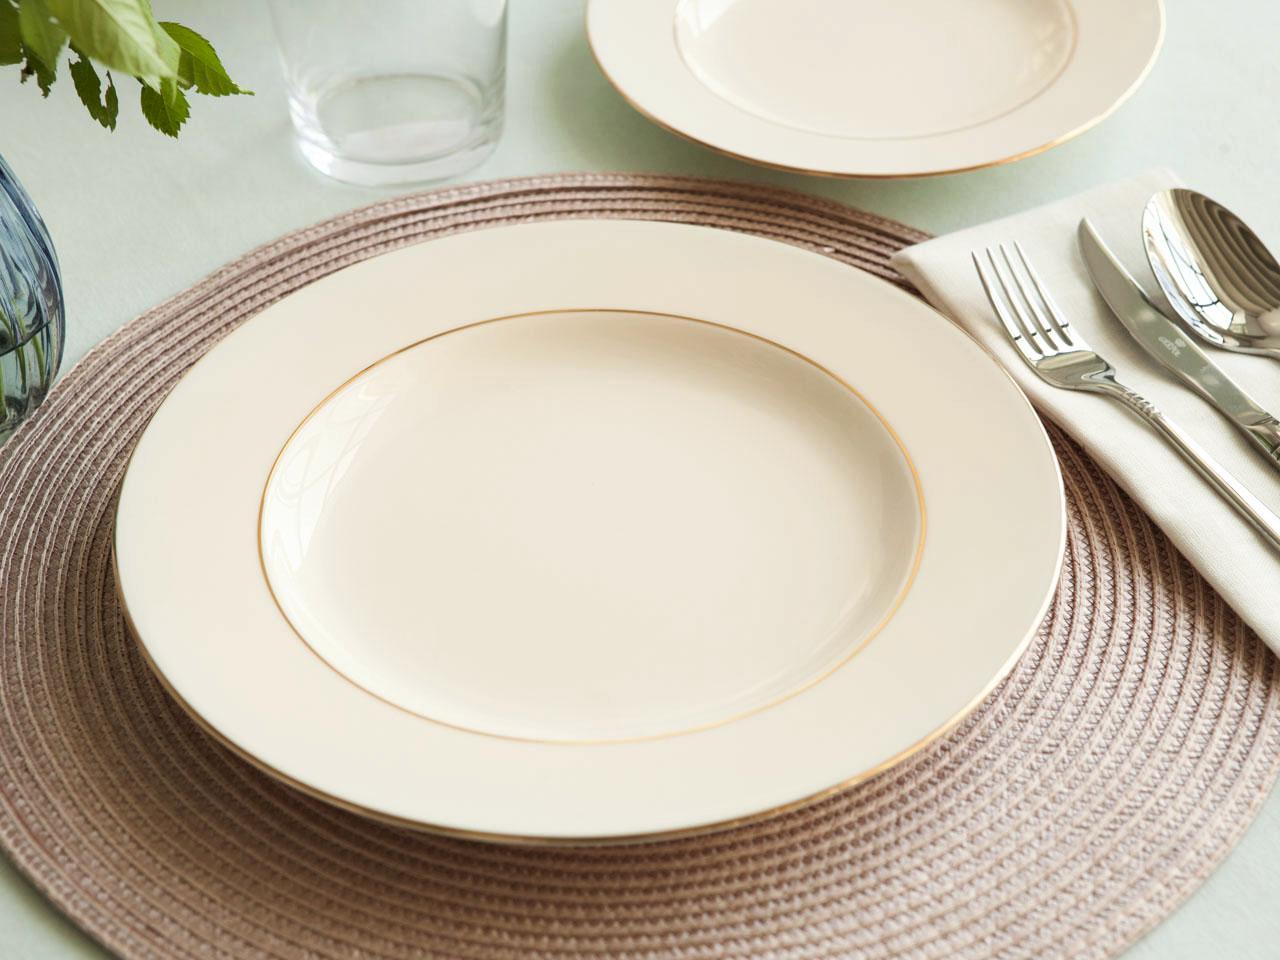 Talerz obiadowy porcelanowy MariaPaula Ecru Nova Złota Linia 26 cm